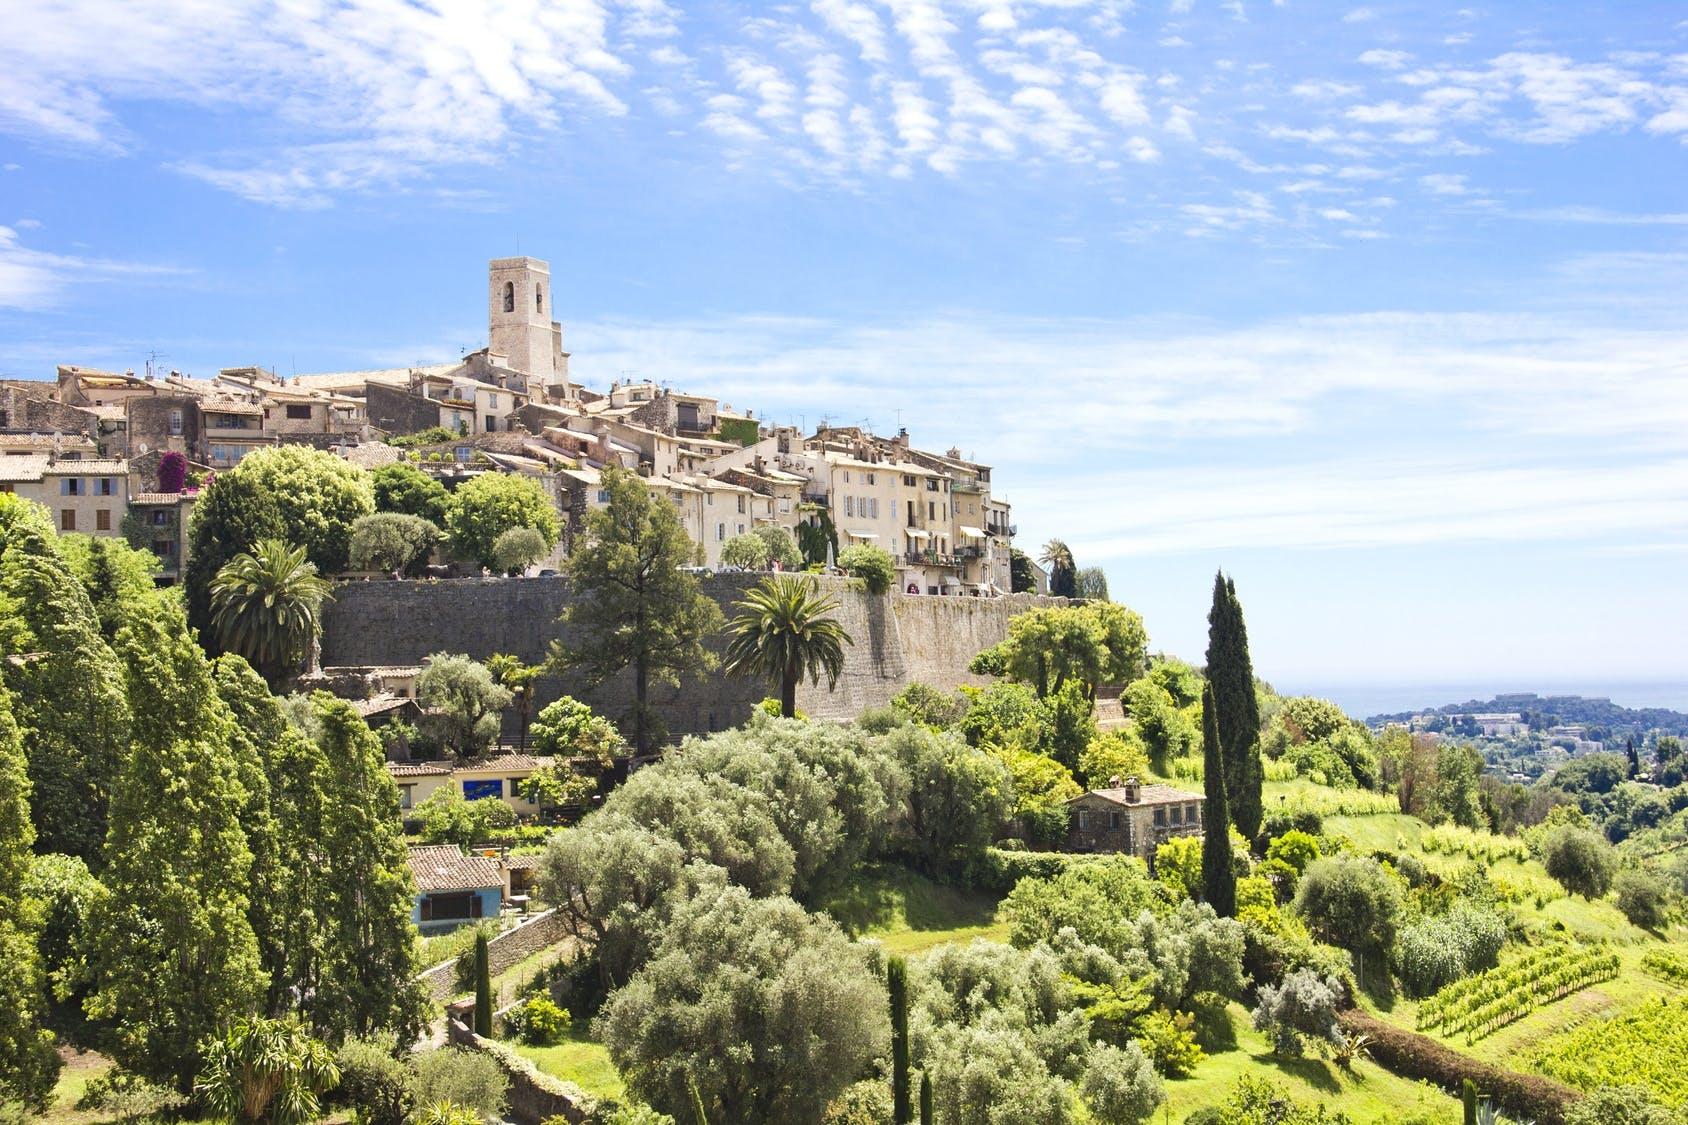 Tickets, museos, atracciones,Entradas a atracciones principales,Tour por Niza